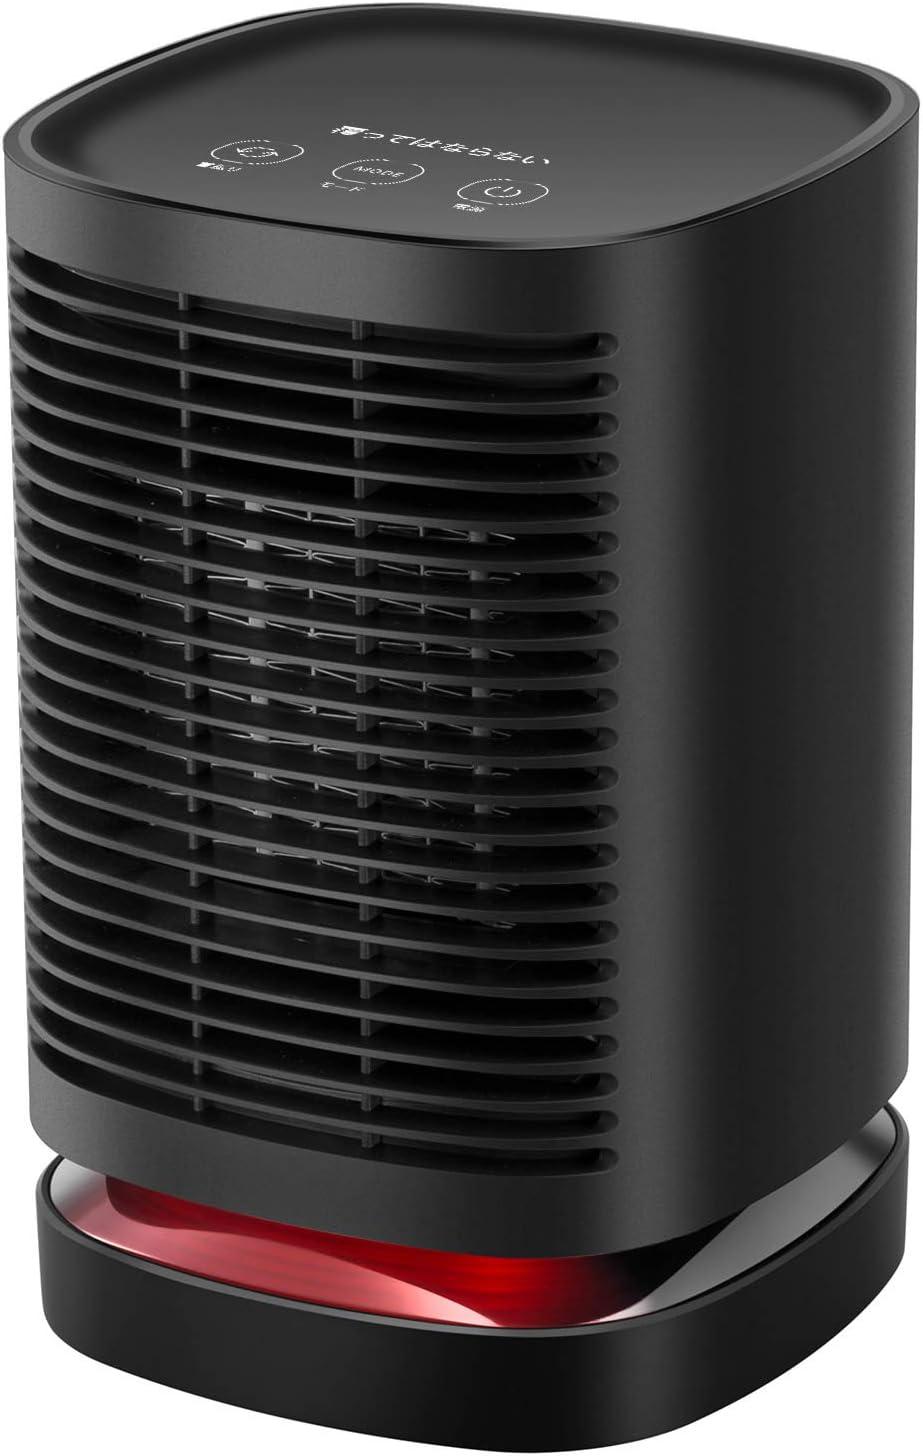 COMLIFE Calefactor Eléctrico Cerámico PTC 950W Oscilación Automática de 90 ° y 2 Potencias Protección contra Incendio Uso Personal en Oficina y Hogar